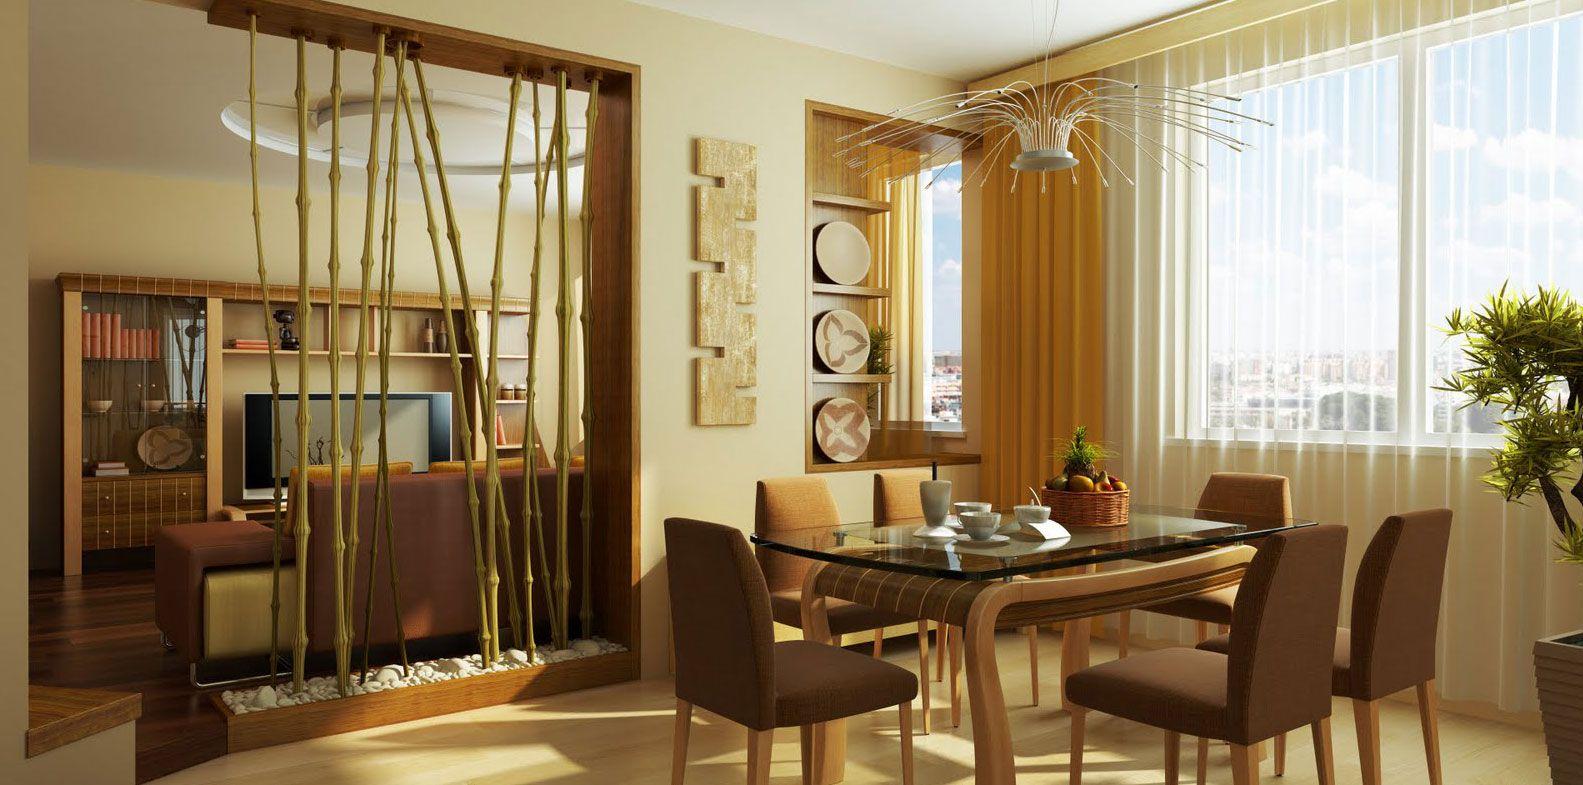 Interior designer services in delhi ncr also dzineroute pinterest rh